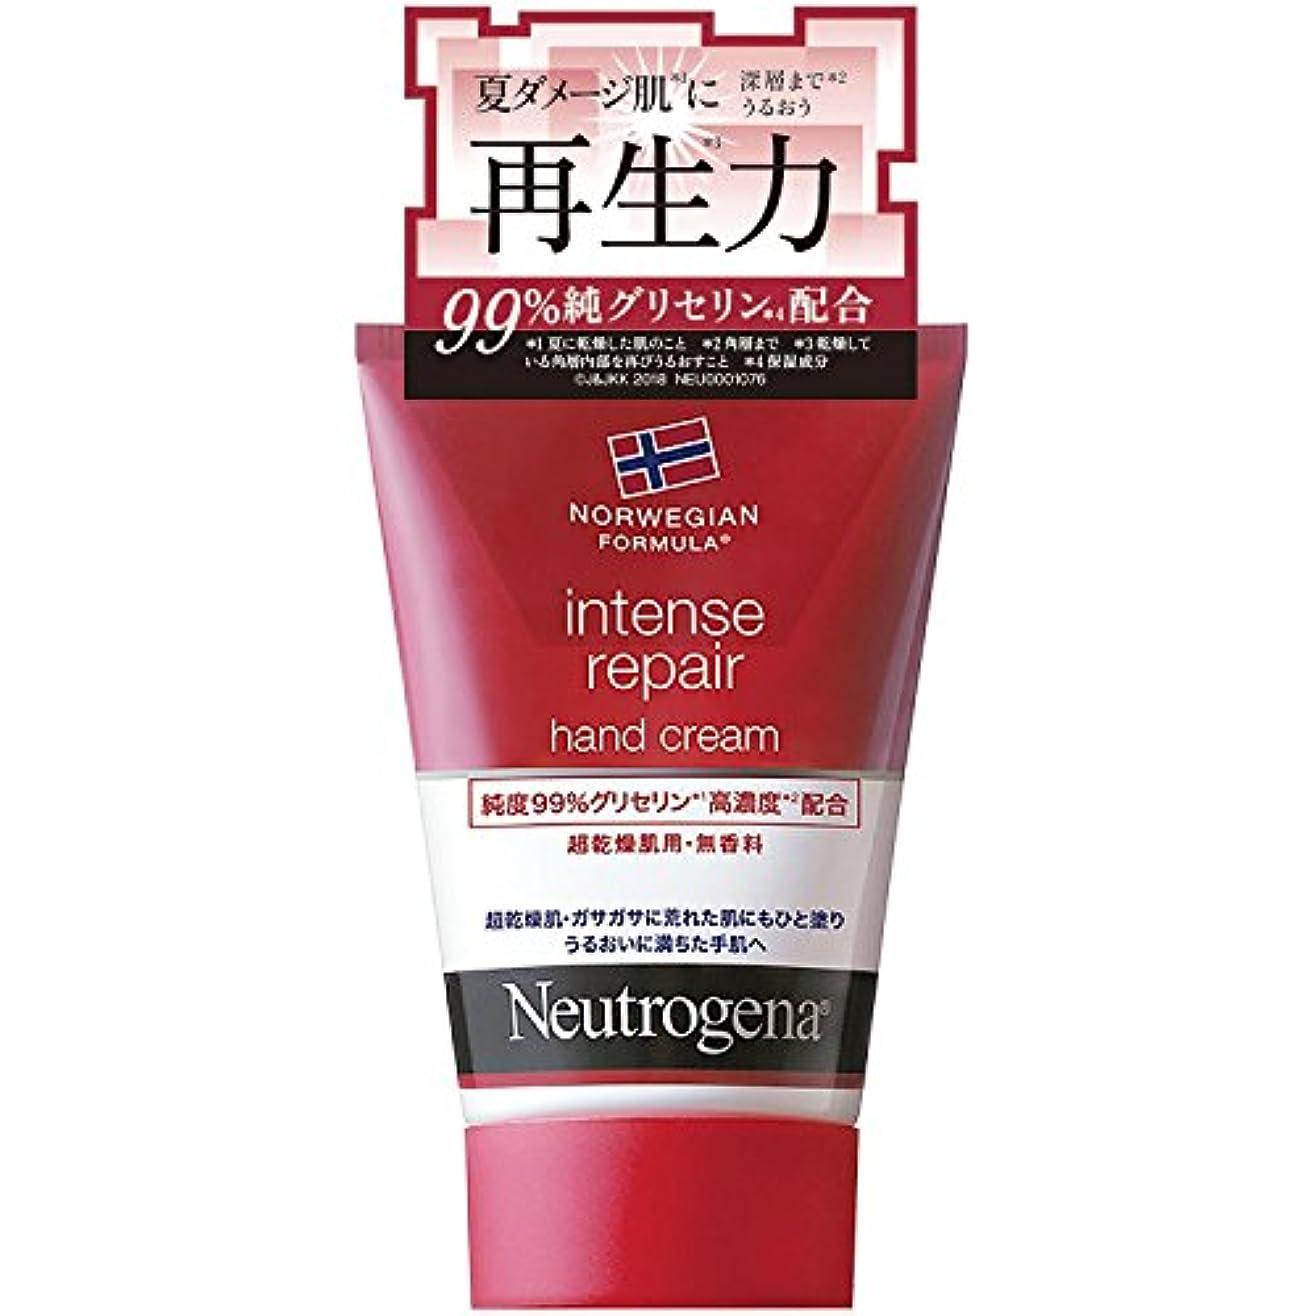 思われるインシュレータレポートを書くNeutrogena(ニュートロジーナ) ノルウェーフォーミュラ インテンスリペア ハンドクリーム 超乾燥肌用 無香料 単品 50g